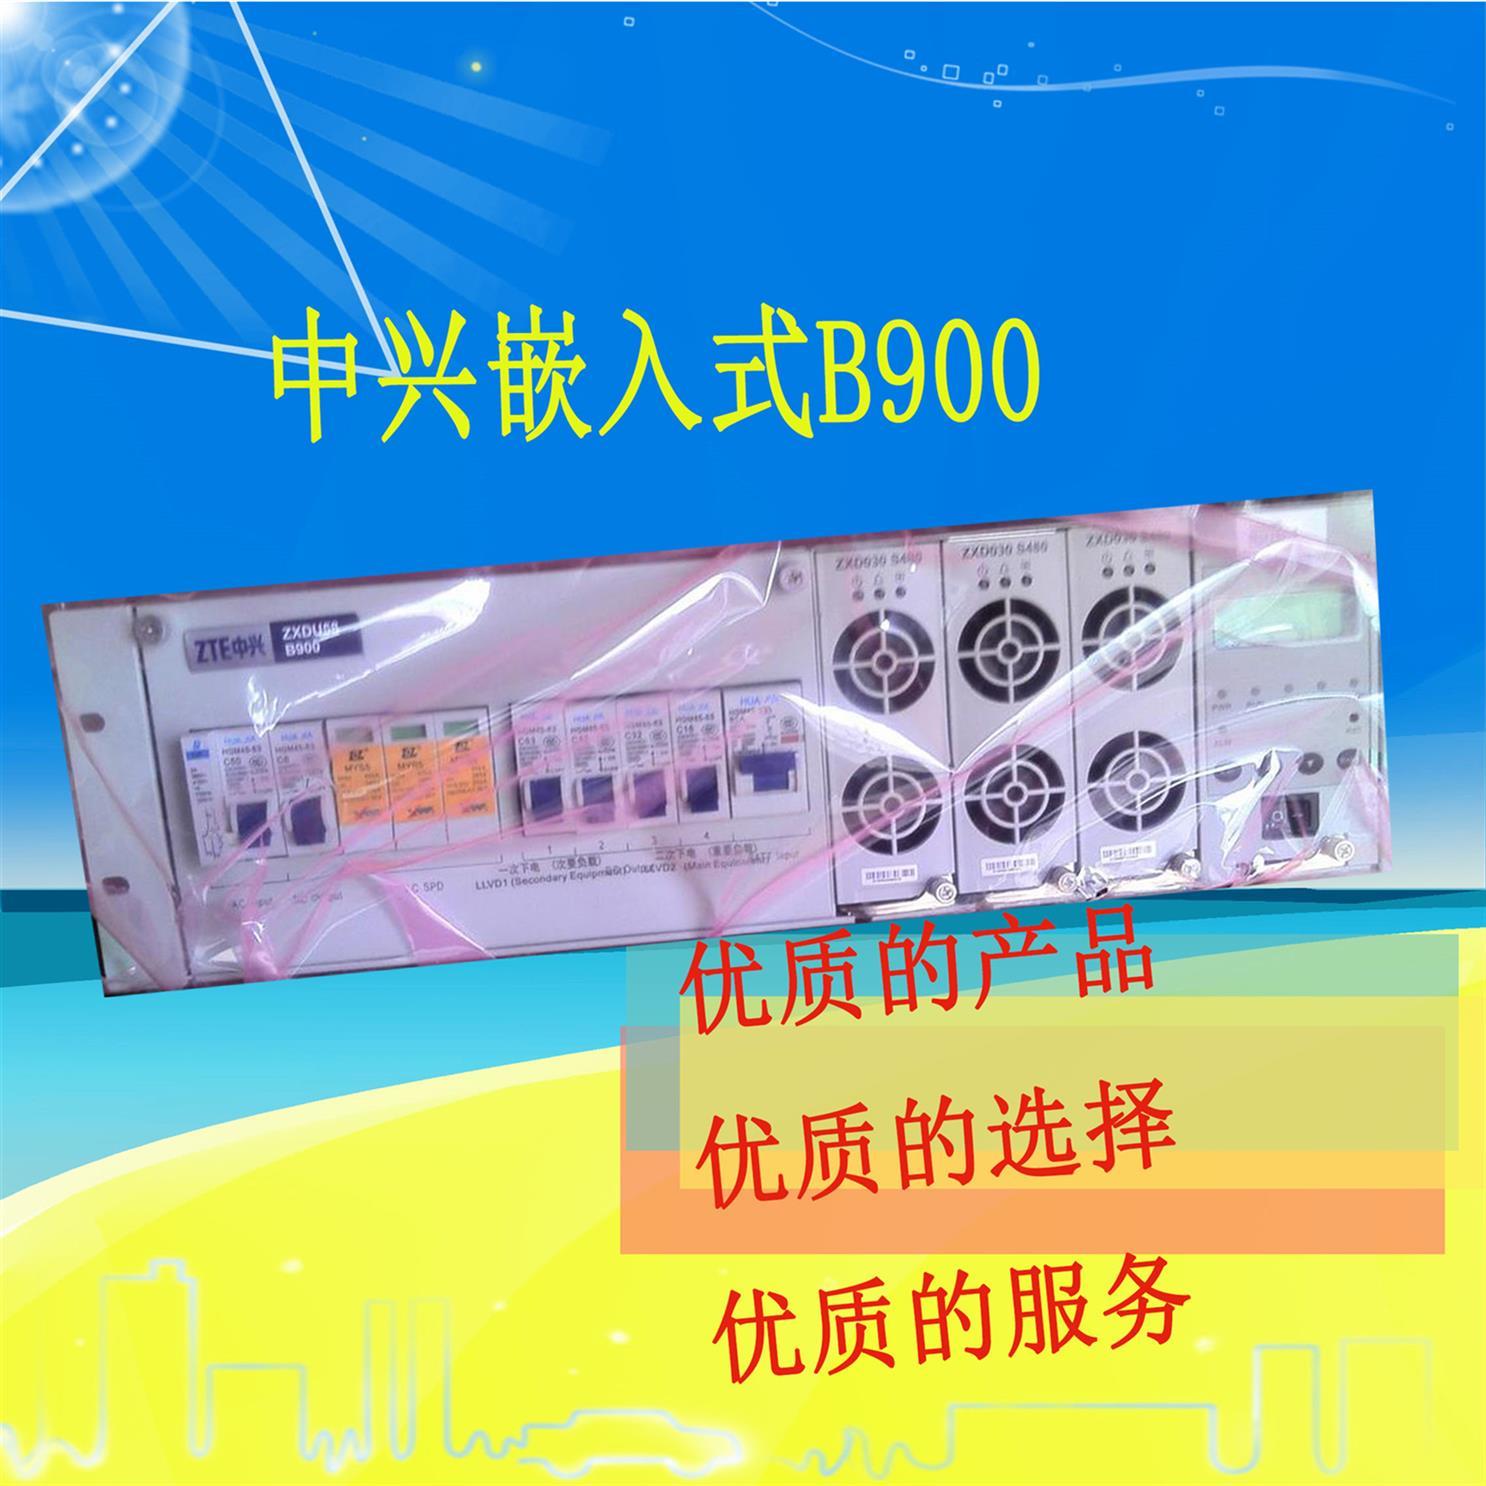 厦门中兴ZXDU58B900嵌入式电源厂